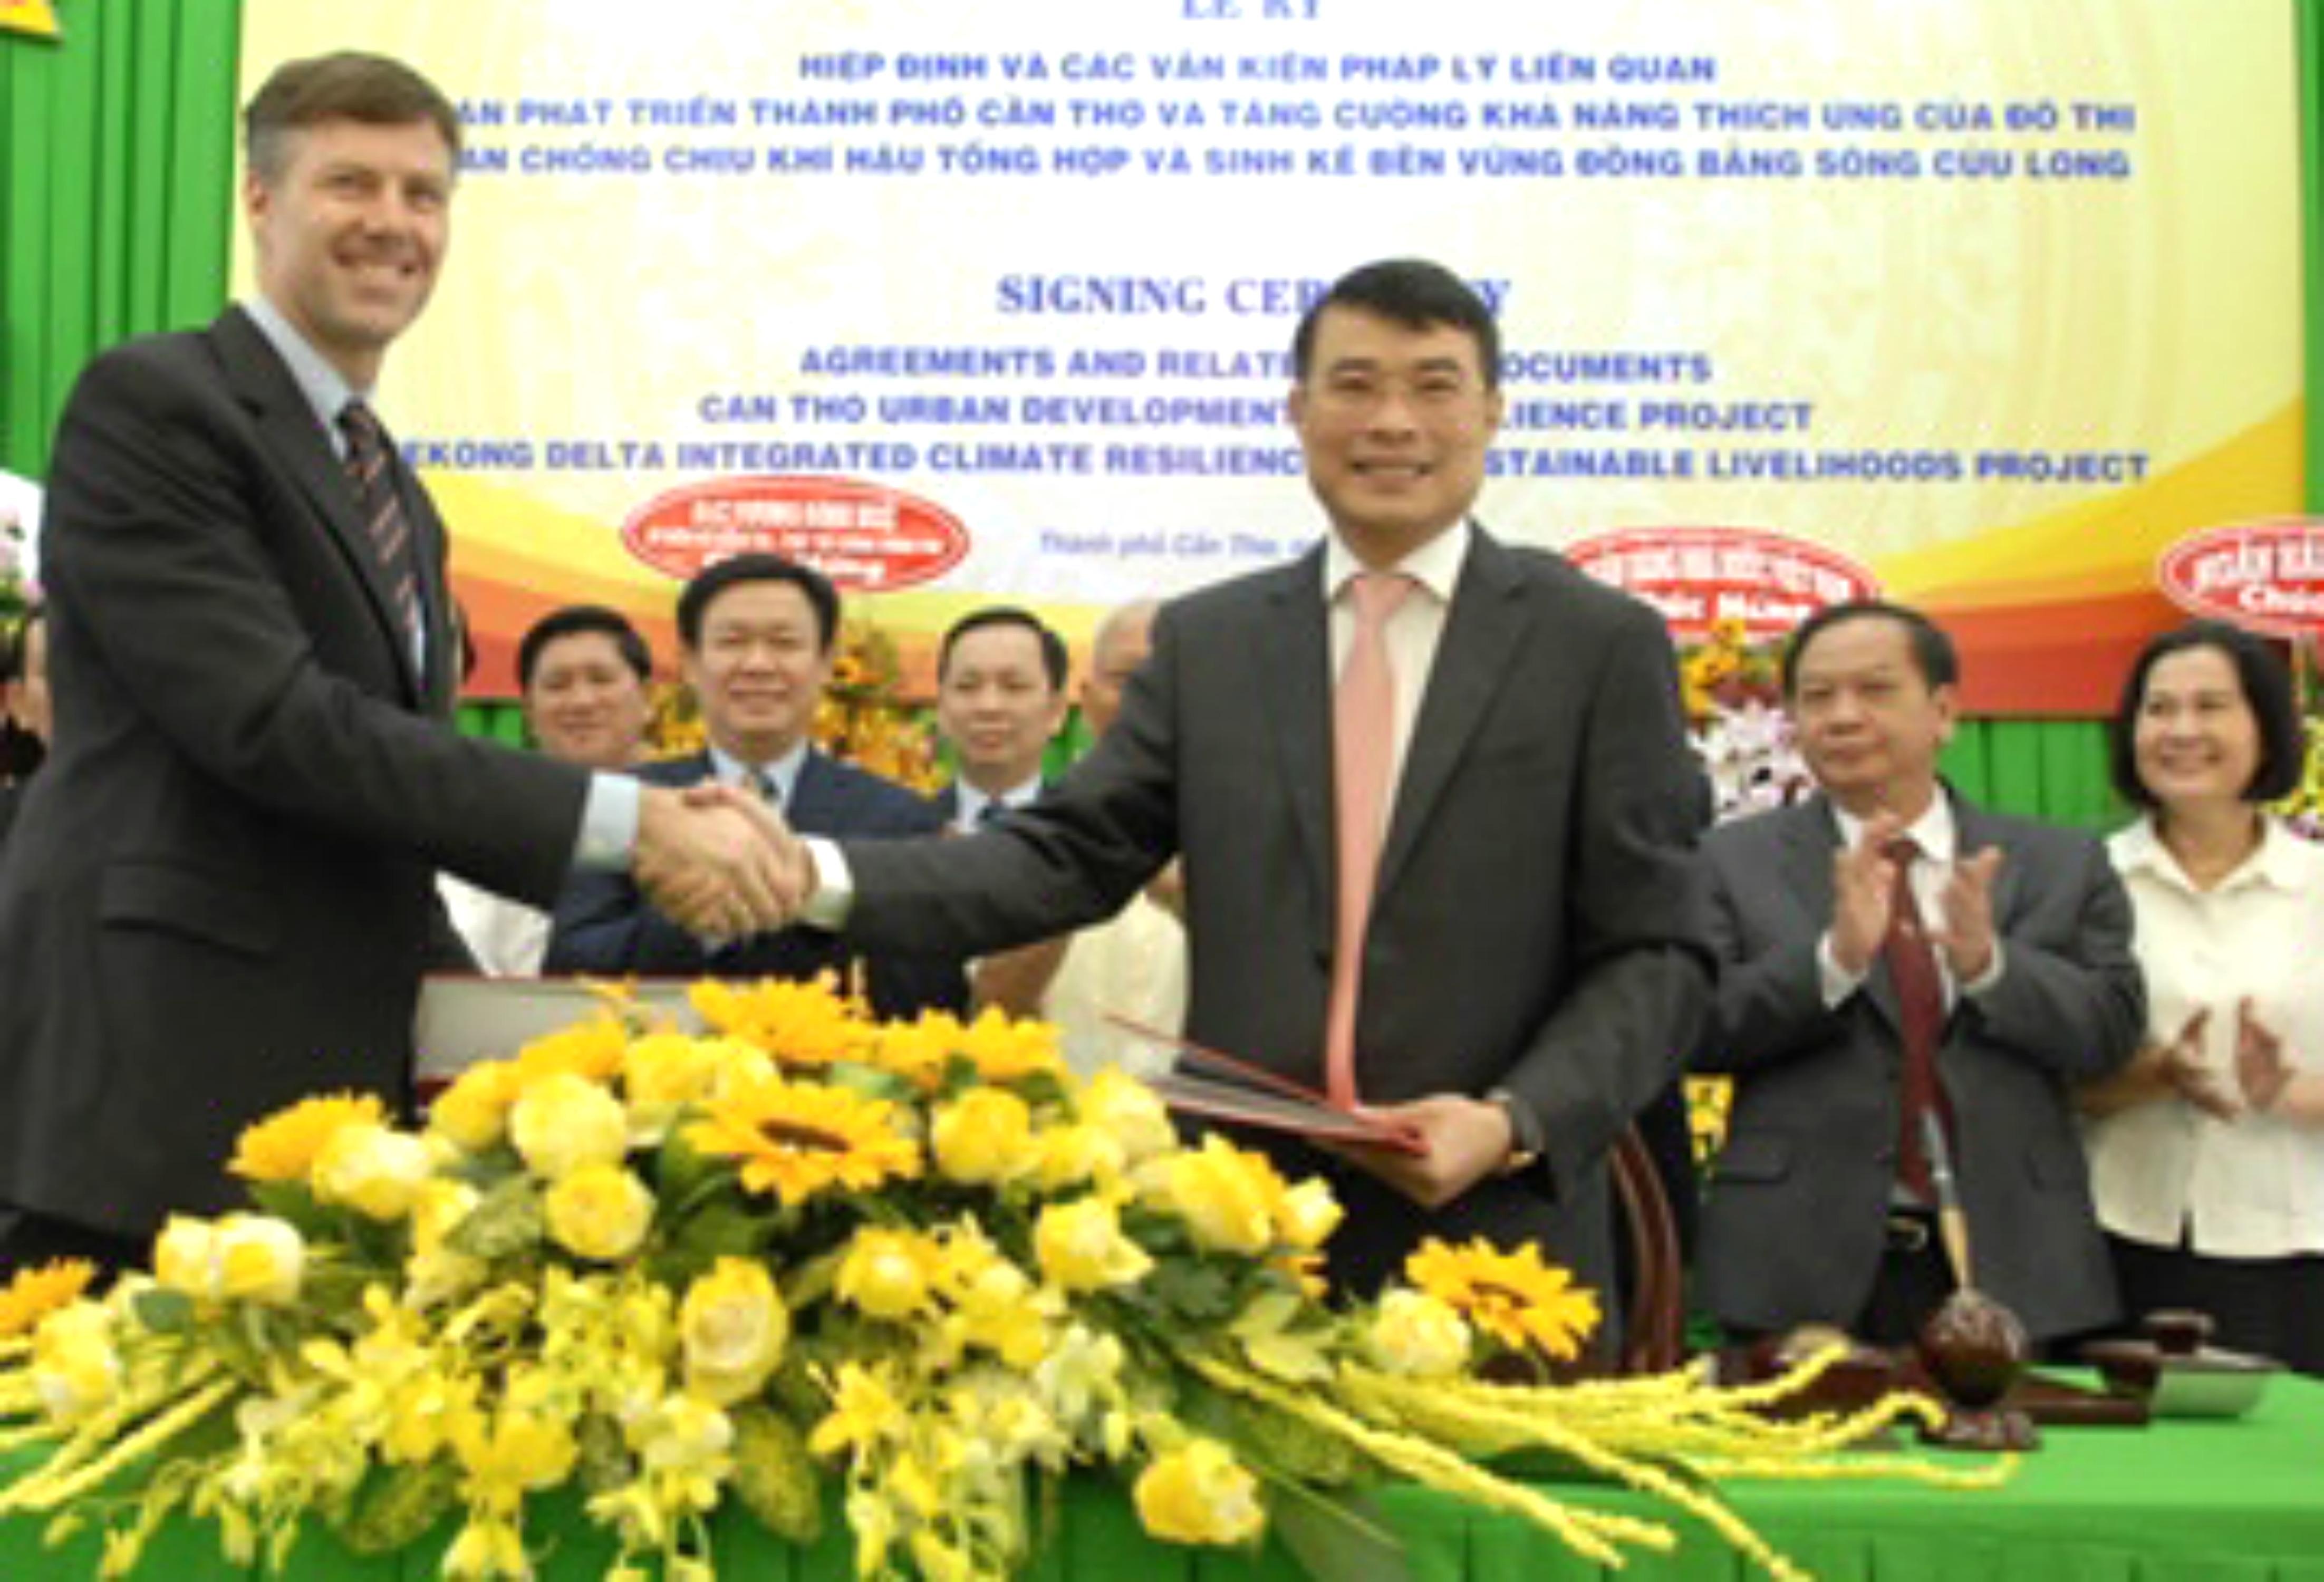 Việt Nam vay World Bank 560 triệu Mỹ kim phát triển vùng đồng bằng sông Cửu Long